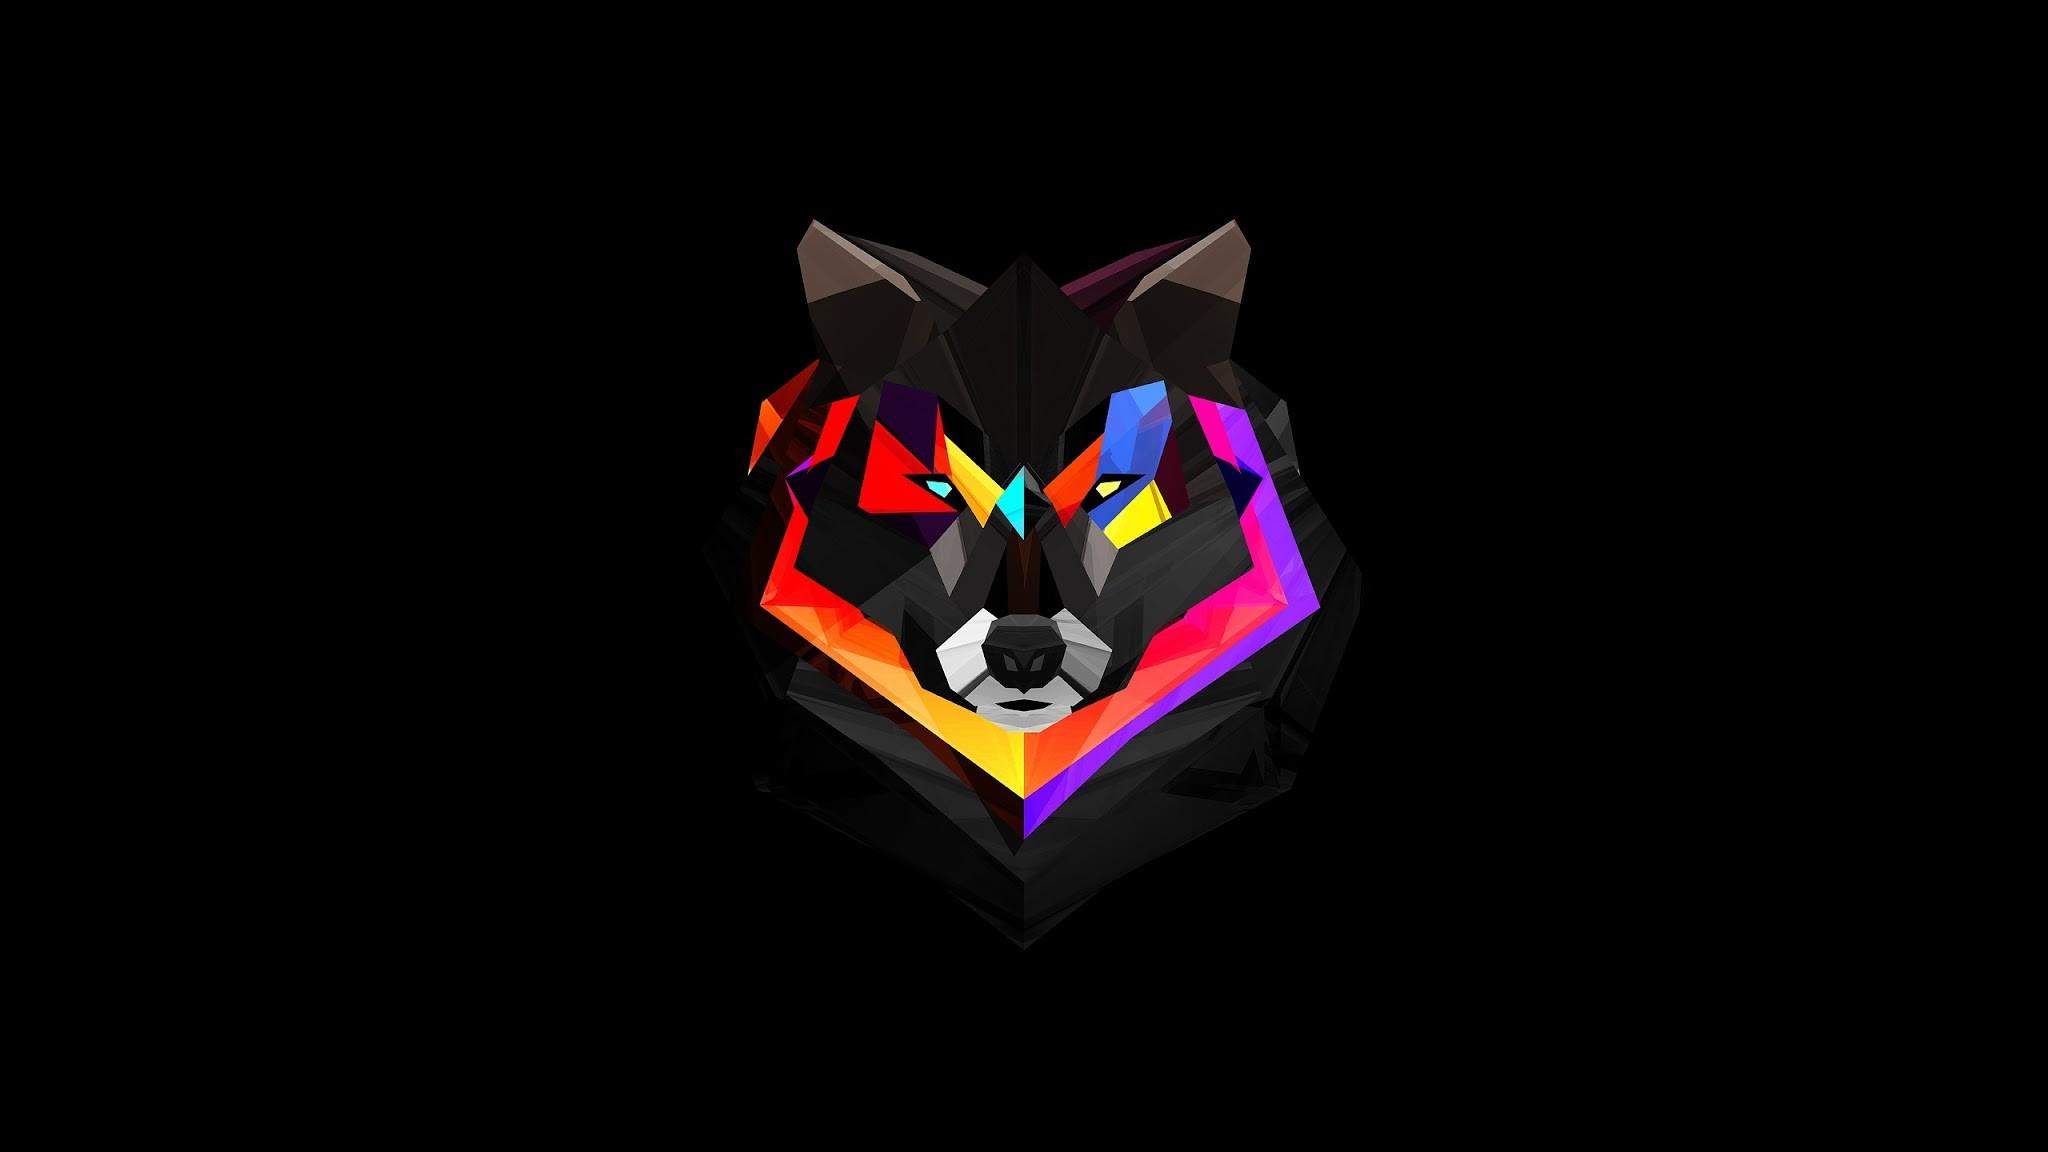 Lobo fondo negro